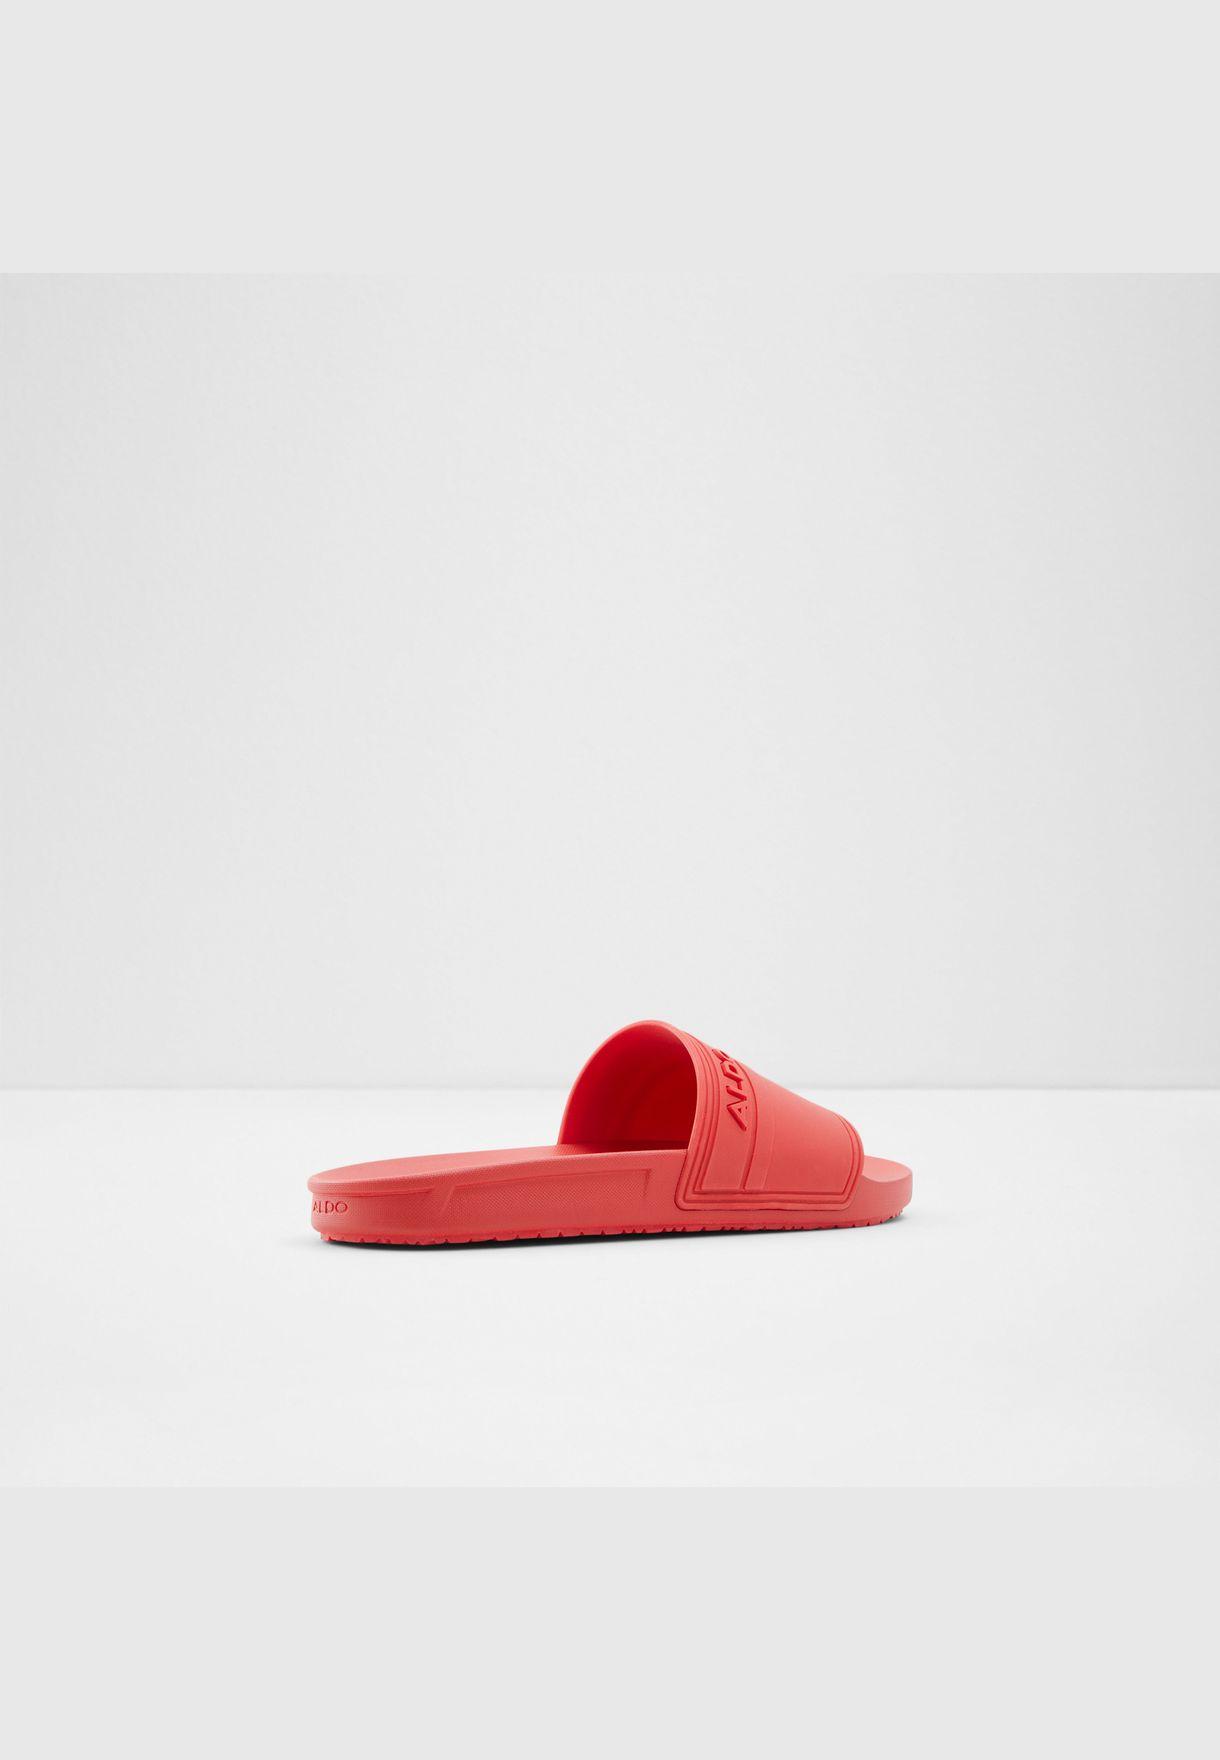 Synthetic Leather Sandal Flat Heel